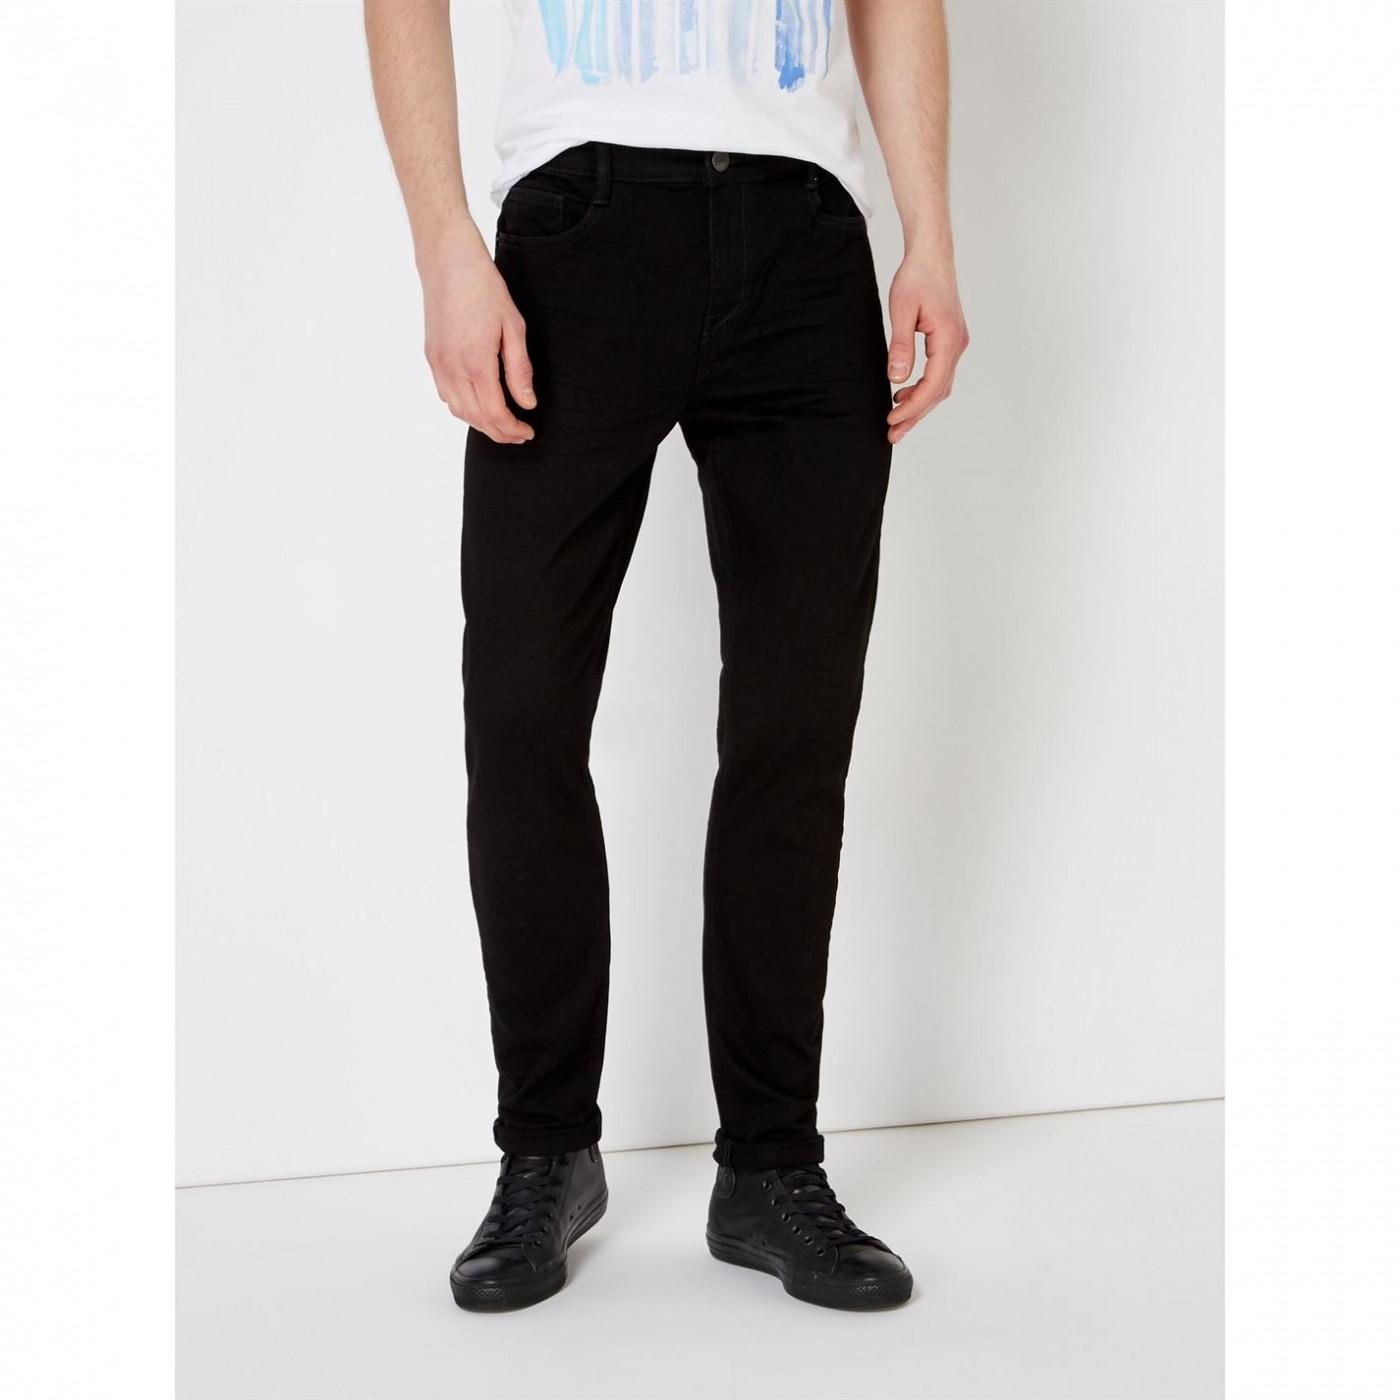 Criminal Skinny Fit Stretch Black Jeans